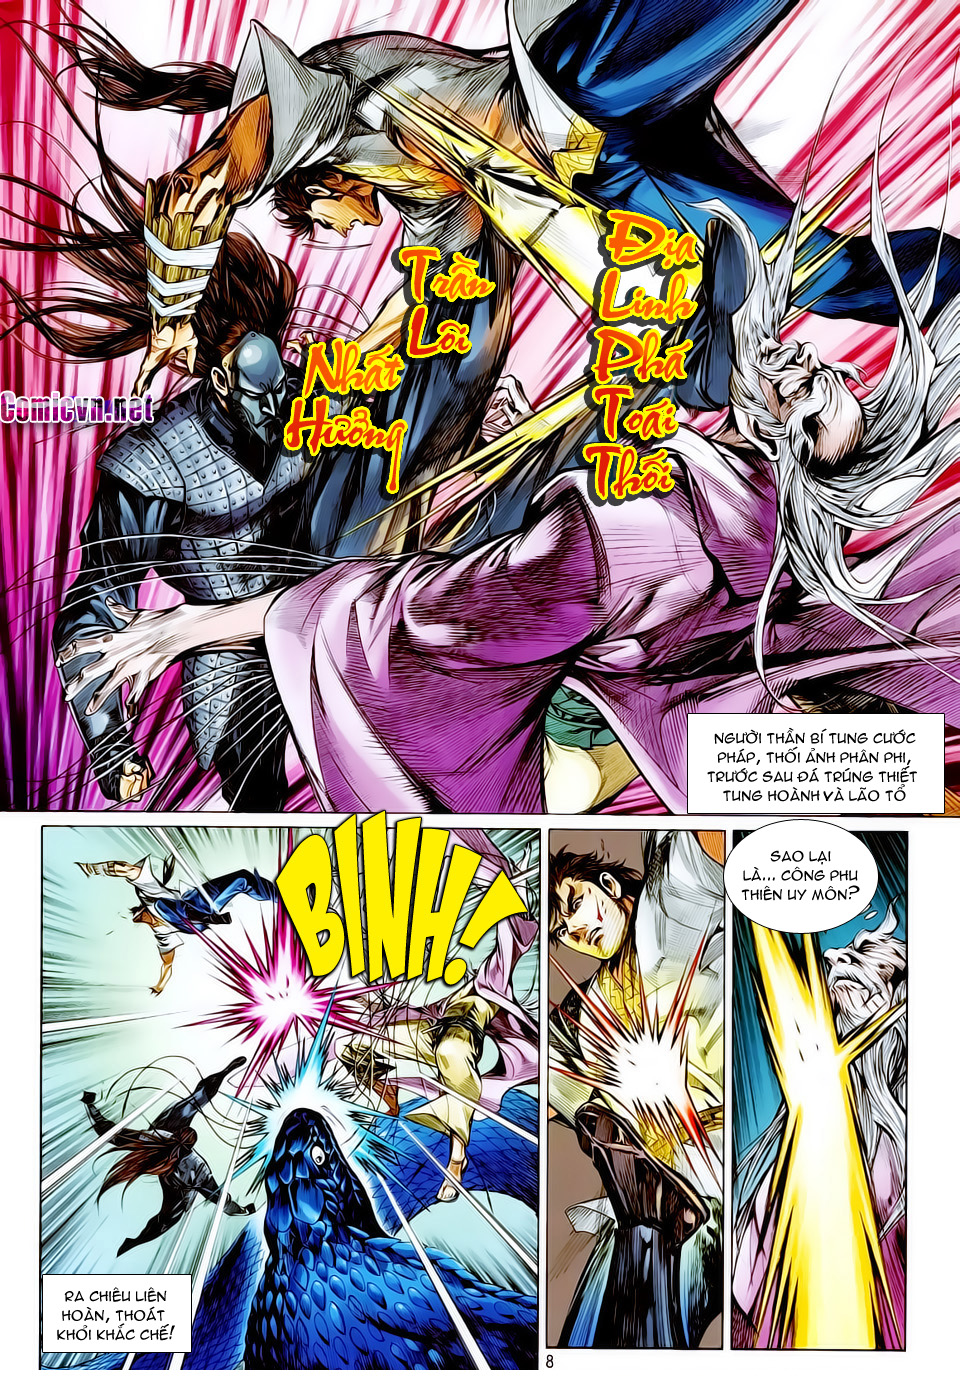 truyện tranh thiết tướng tung hoành Chapter 15/